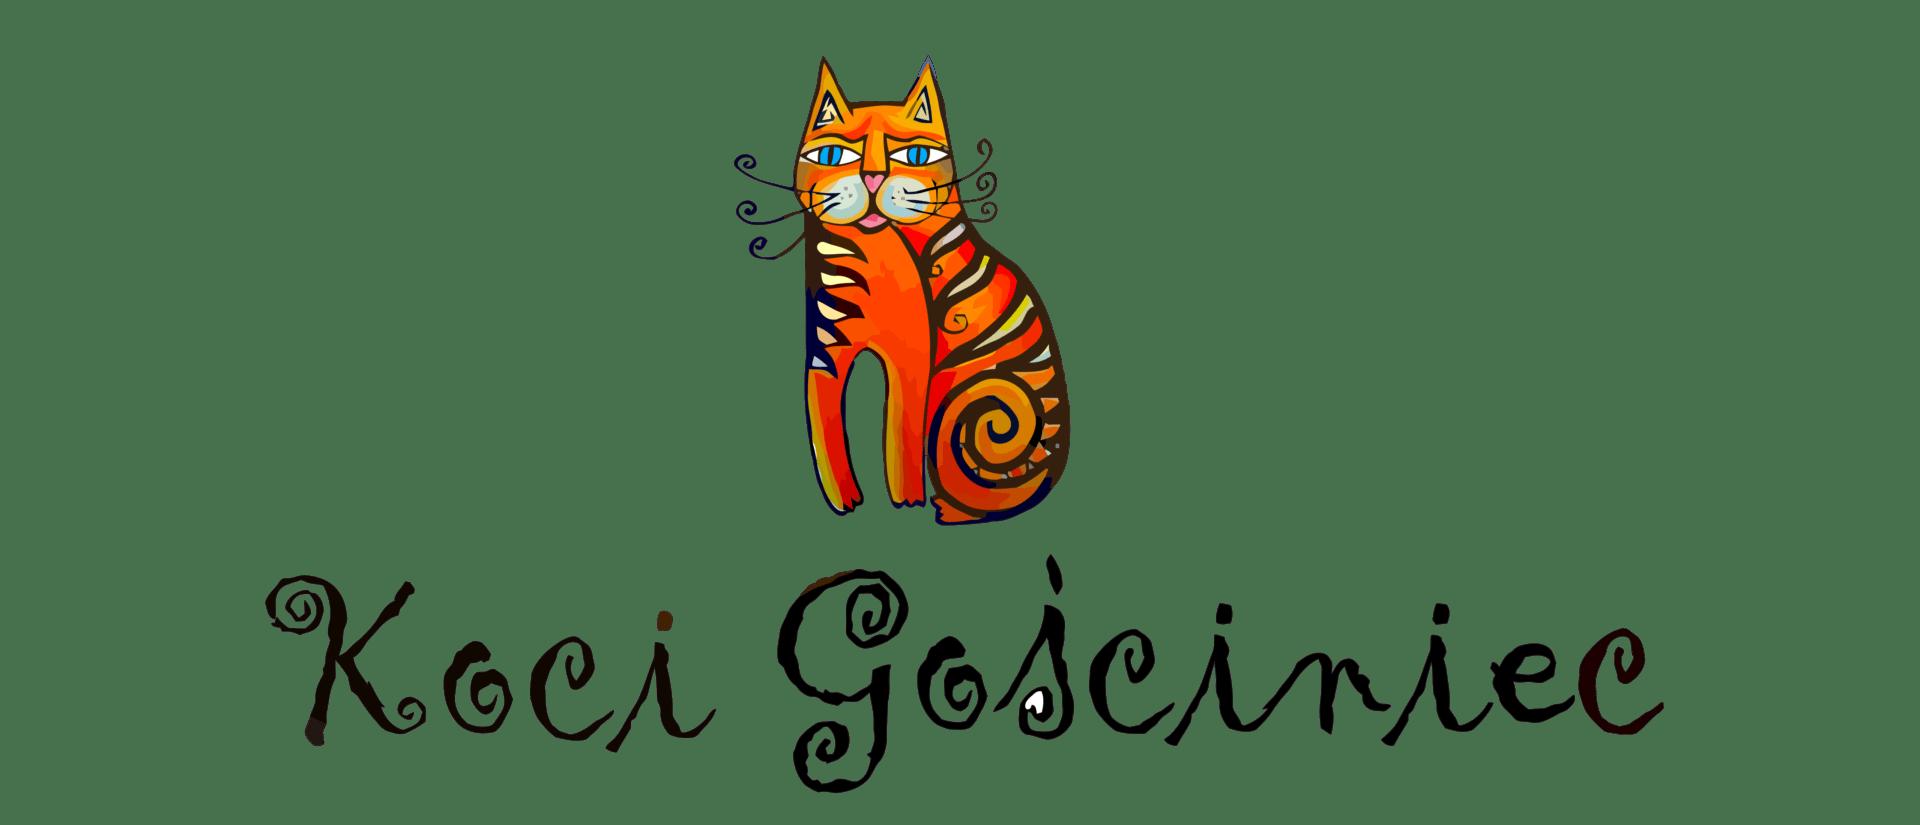 Koci gościniec